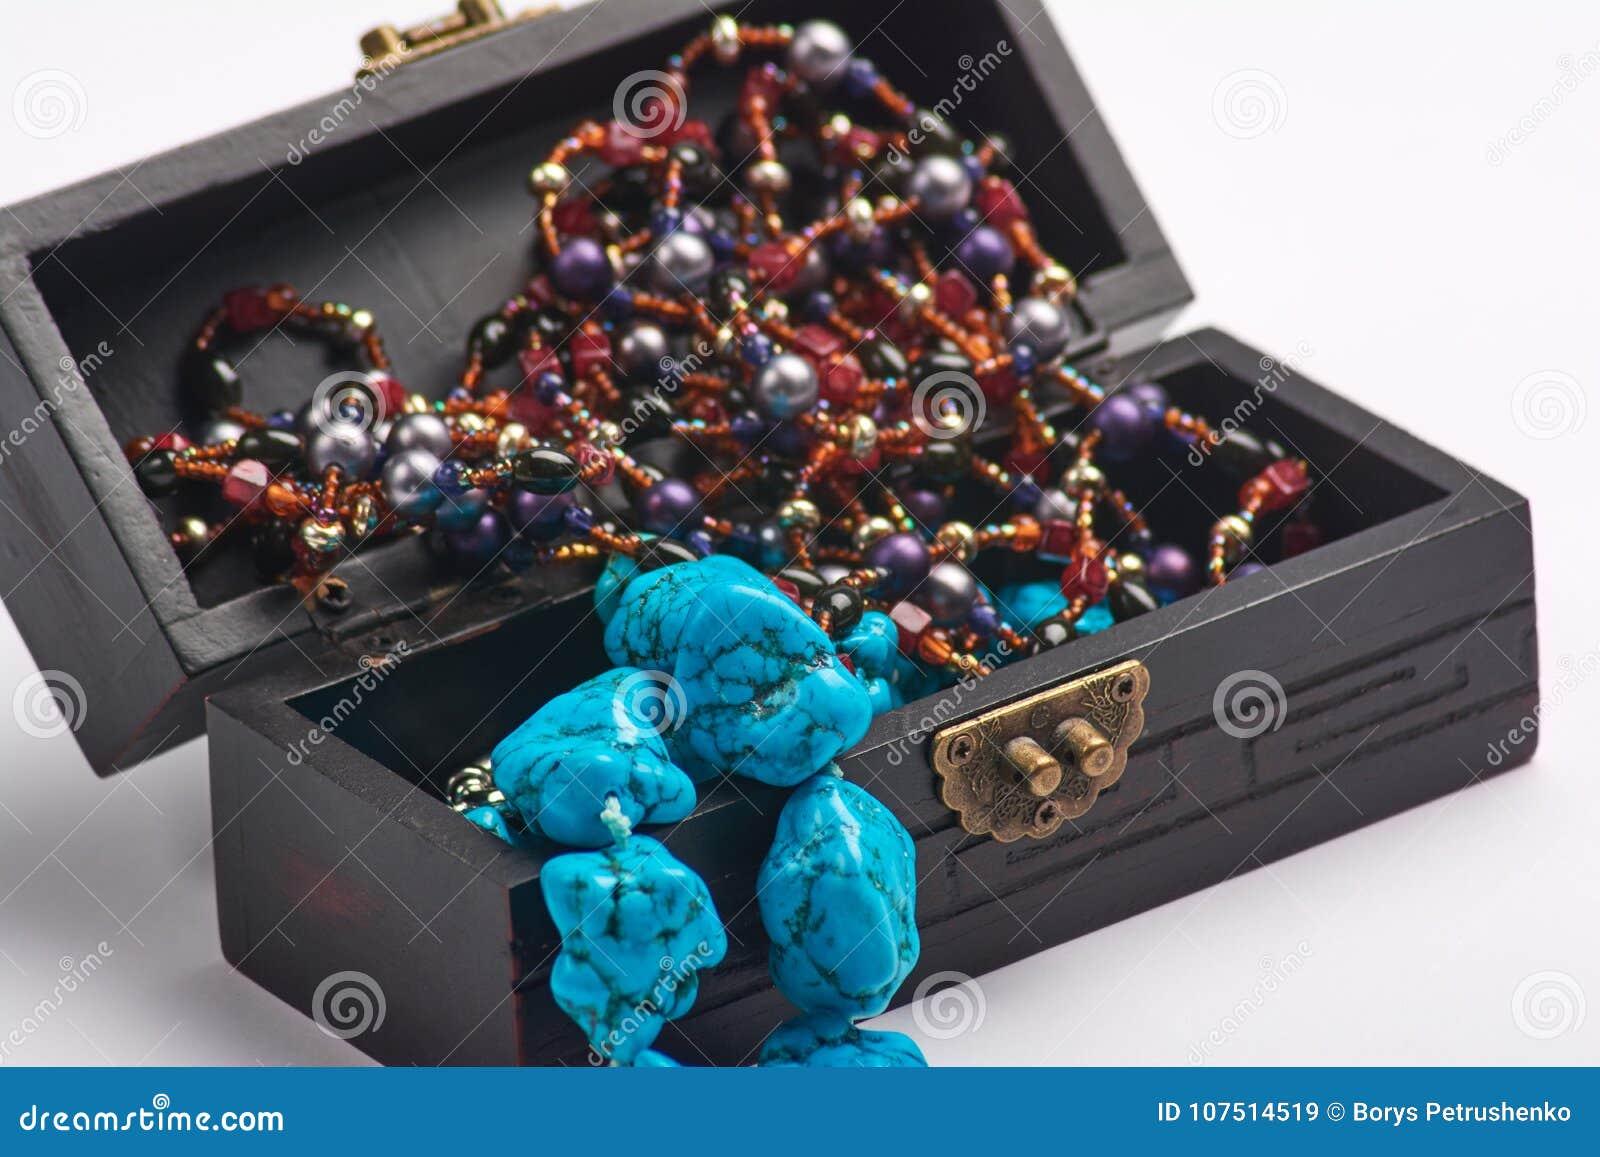 Alter Kasten des Schmucks und blaue Perlenhalskette Getrennt auf einem weißen Hintergrund